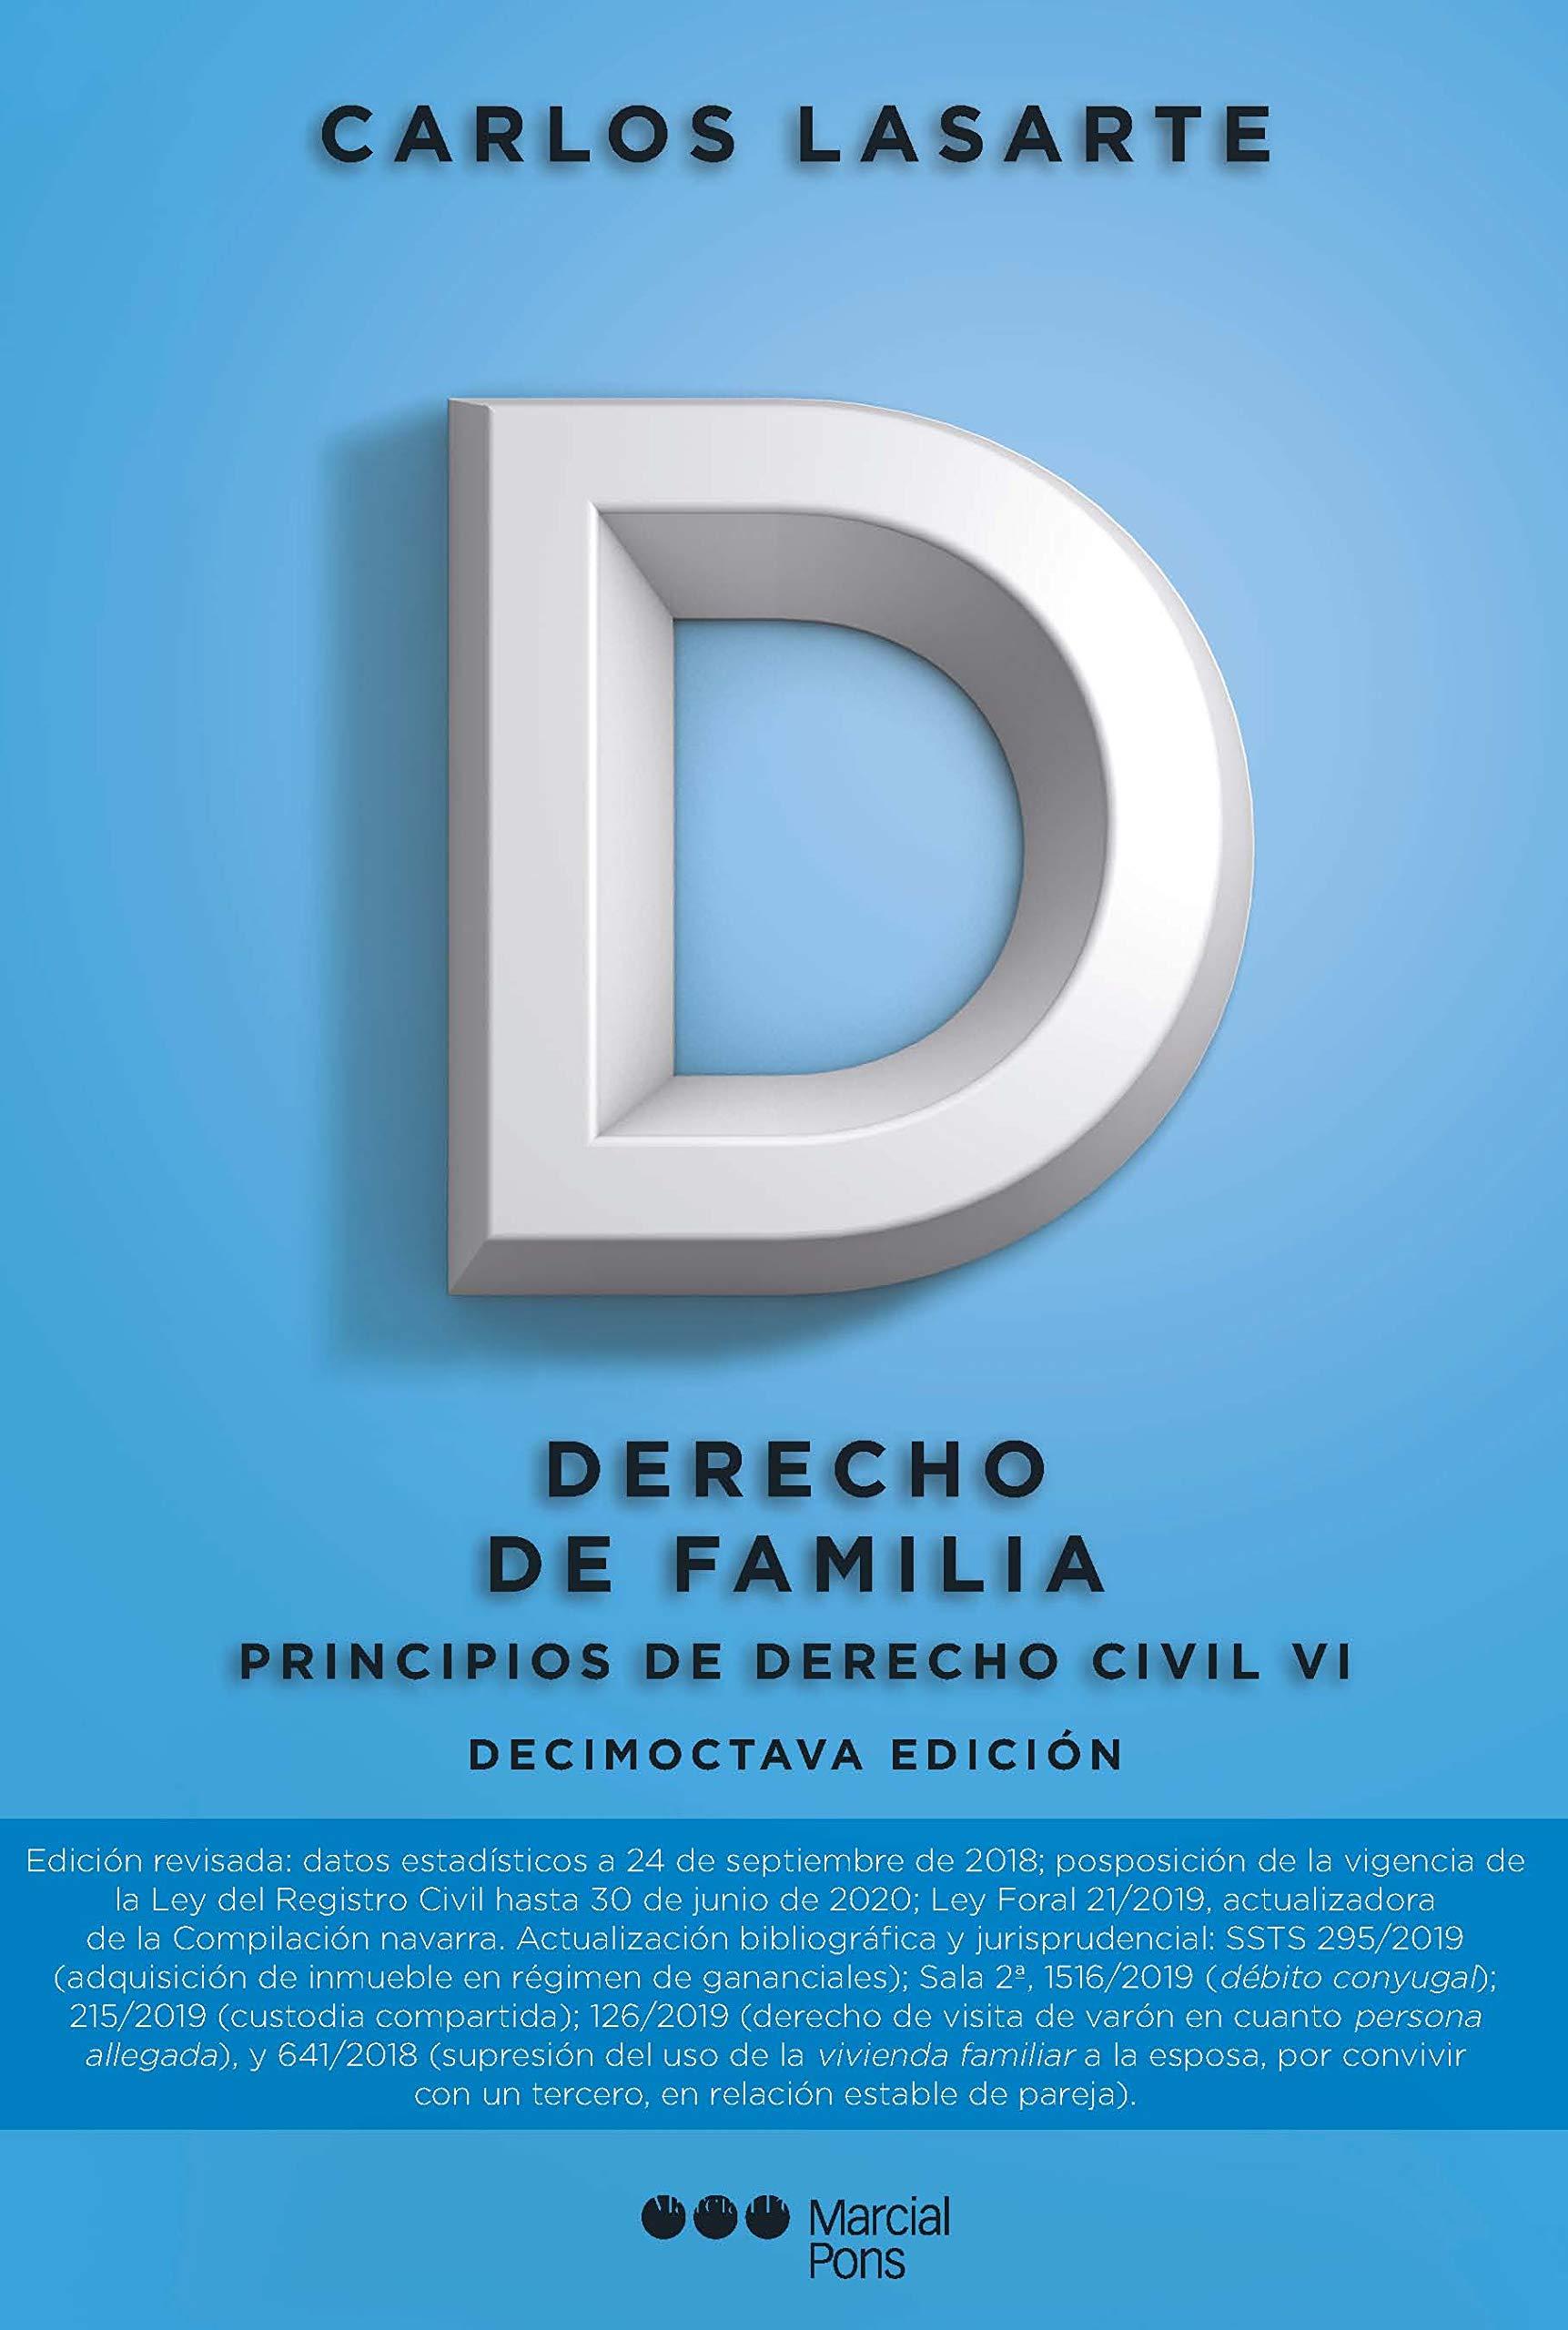 Principios de Derecho civil: Tomo VI: Derecho de familia (Manuales universitarios)